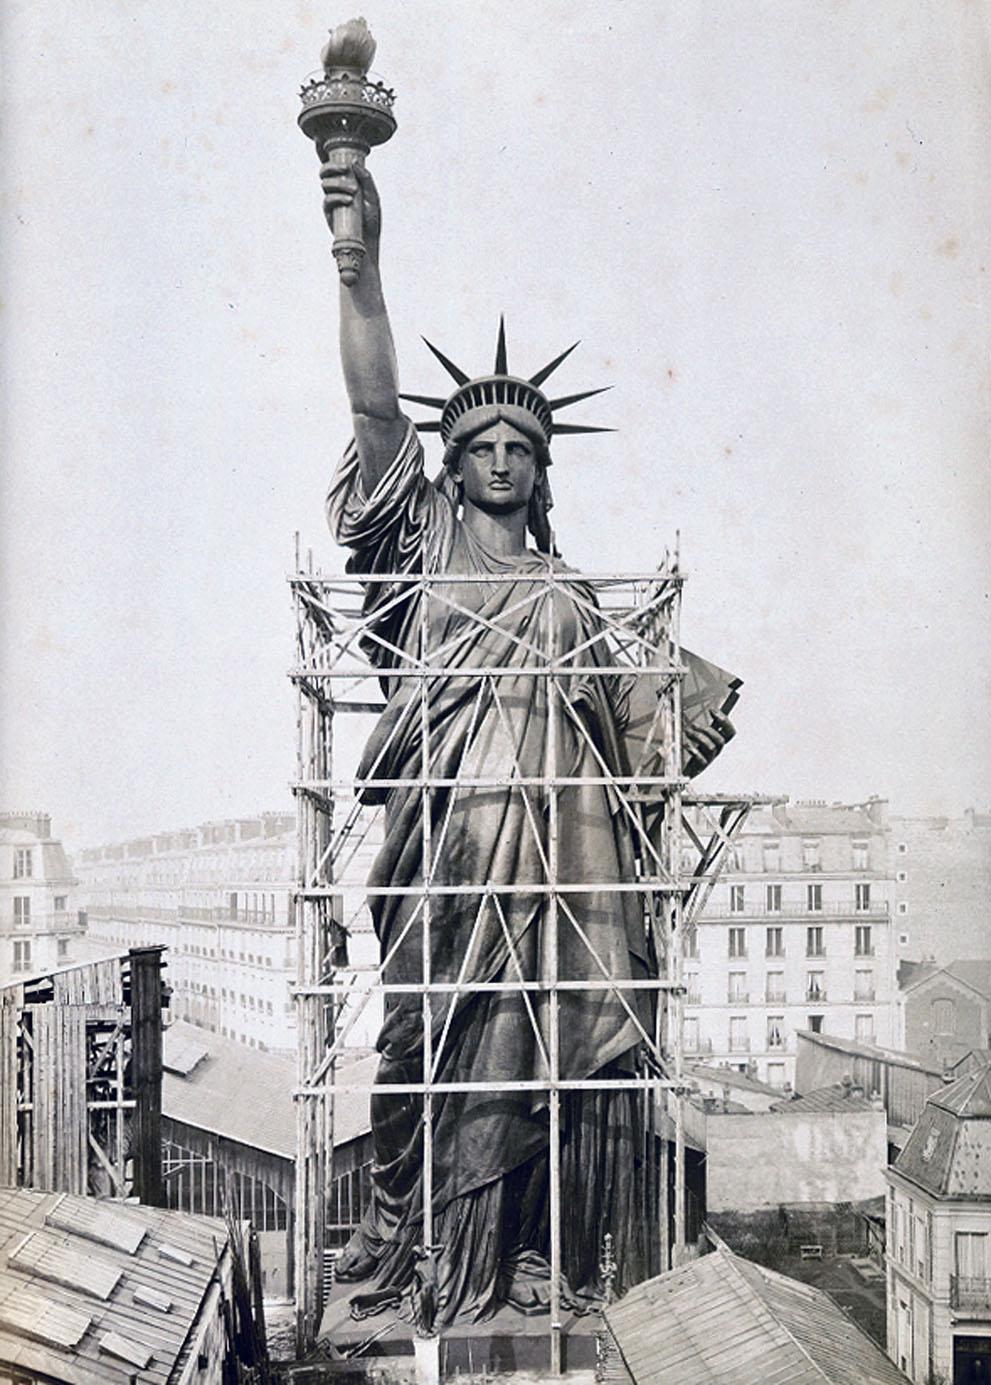 [The Big Picture] Tượng Nữ thần Tự do - 127 năm tại cửa ngõ của nước Mỹ S_l05_10101391